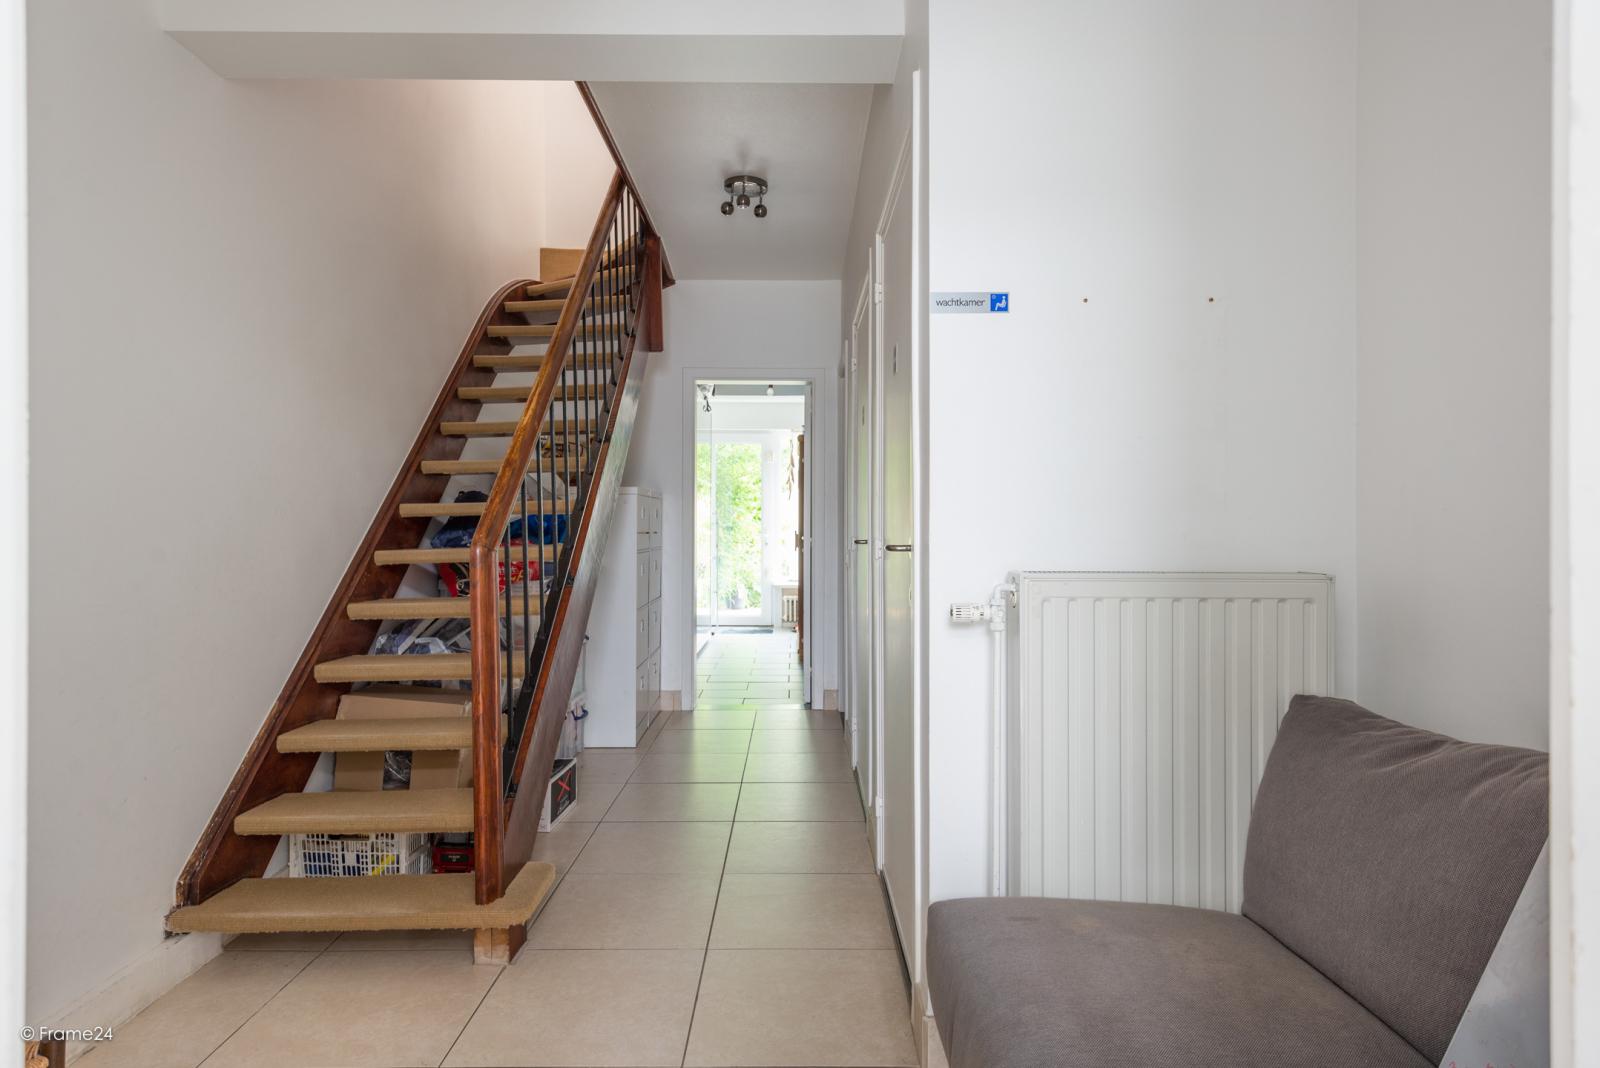 Zeer ruime en volledig instapklare bel-étagewoning met 4 slaapkamers te Wilrijk! afbeelding 15